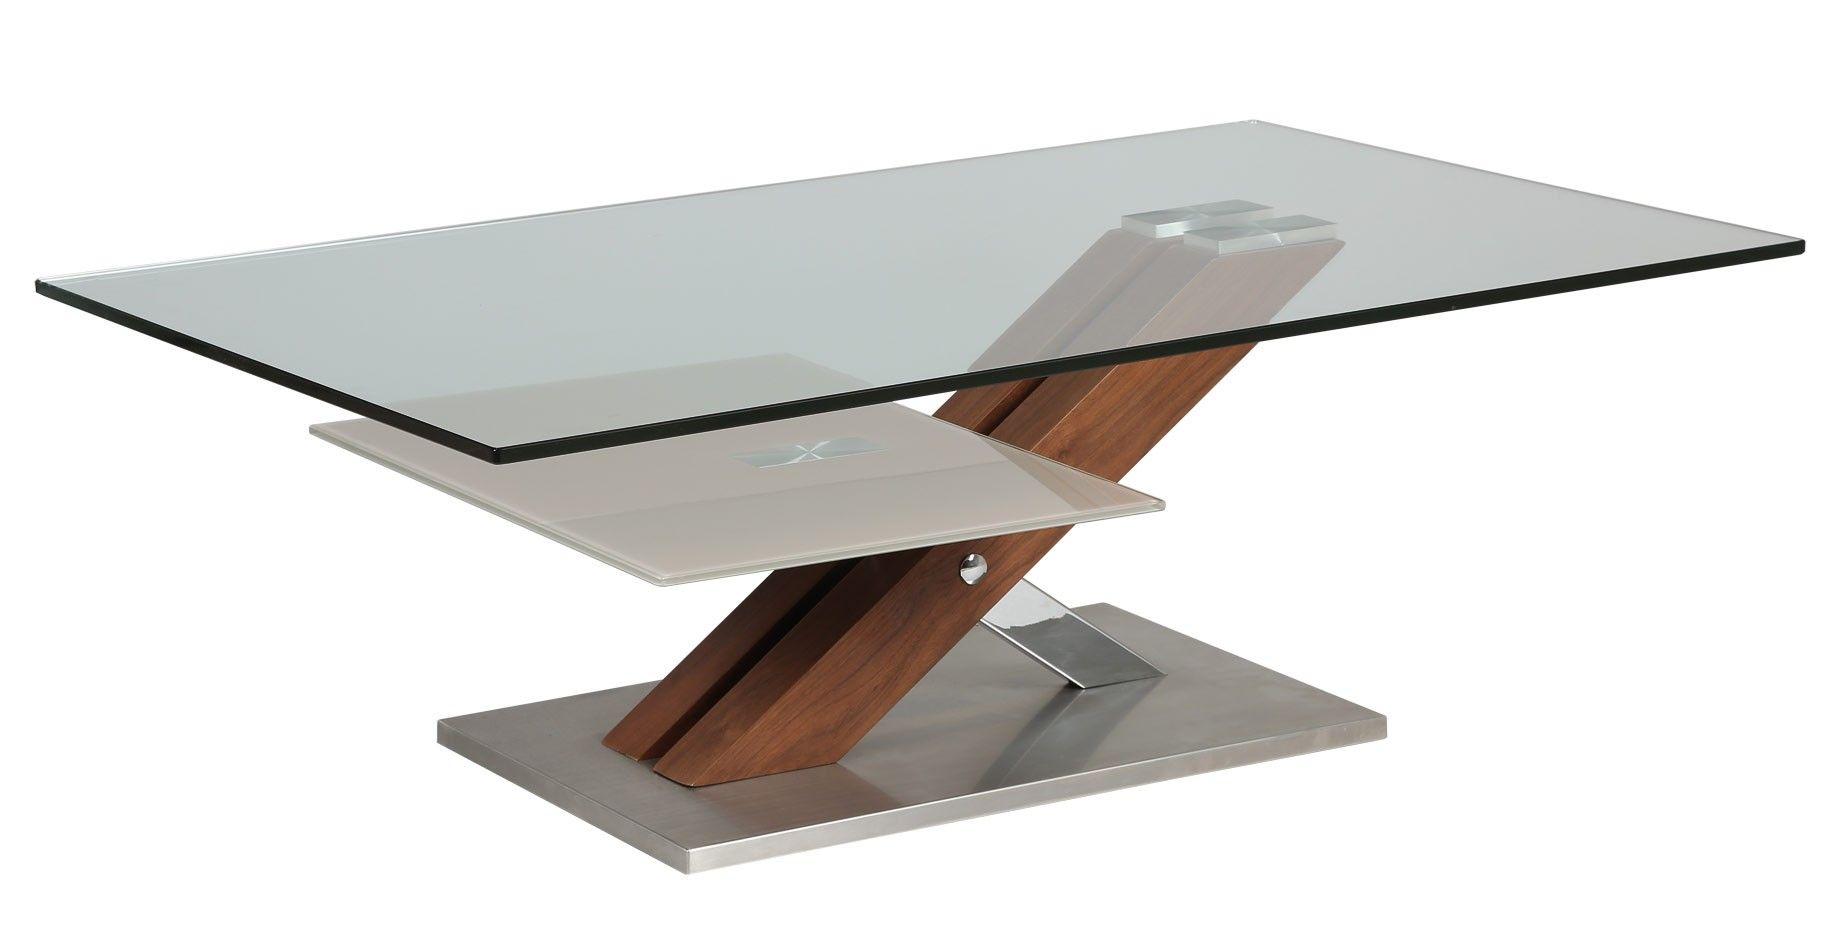 Table Basse En Verre Socle Bois Et Metal With Images Oak